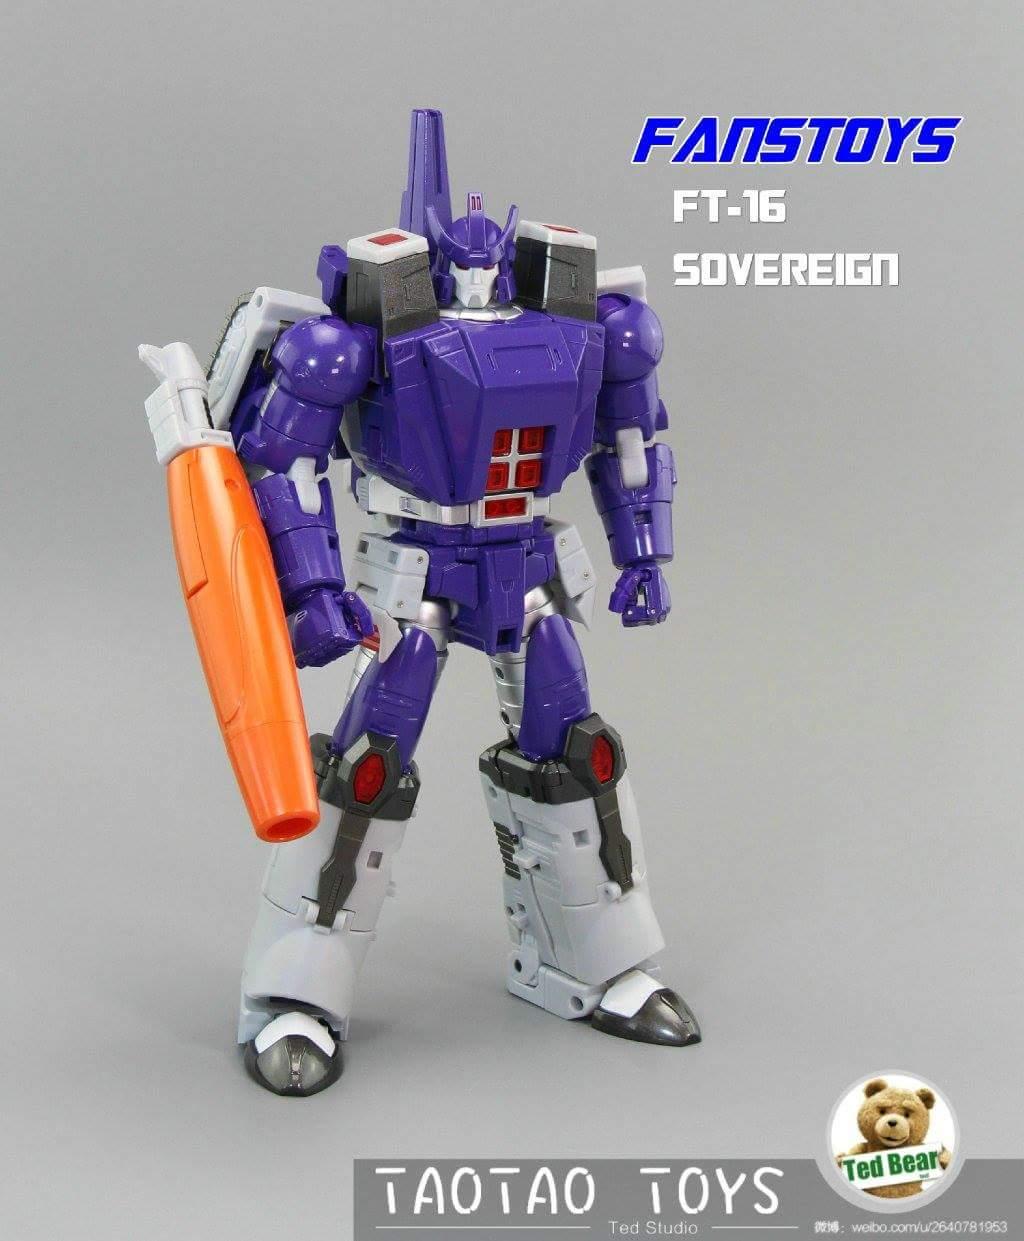 [Fanstoys] Produit Tiers - Jouet FT-16 Sovereign - aka Galvatron GKDknYnu